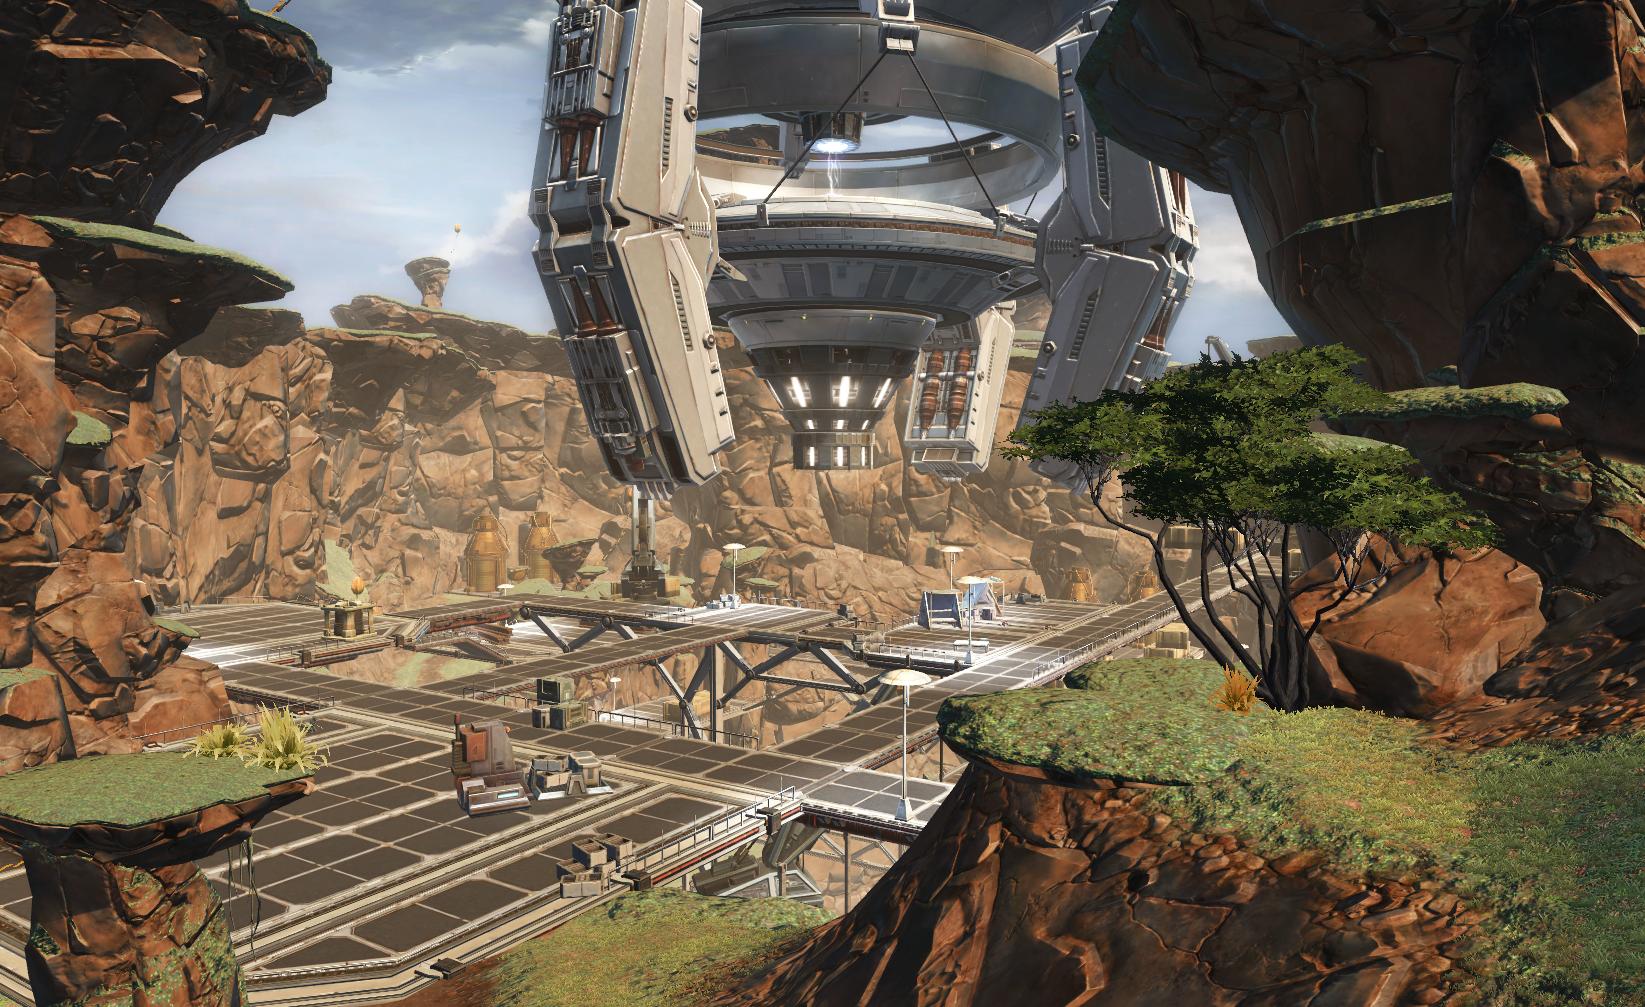 Abandoned mining mesa